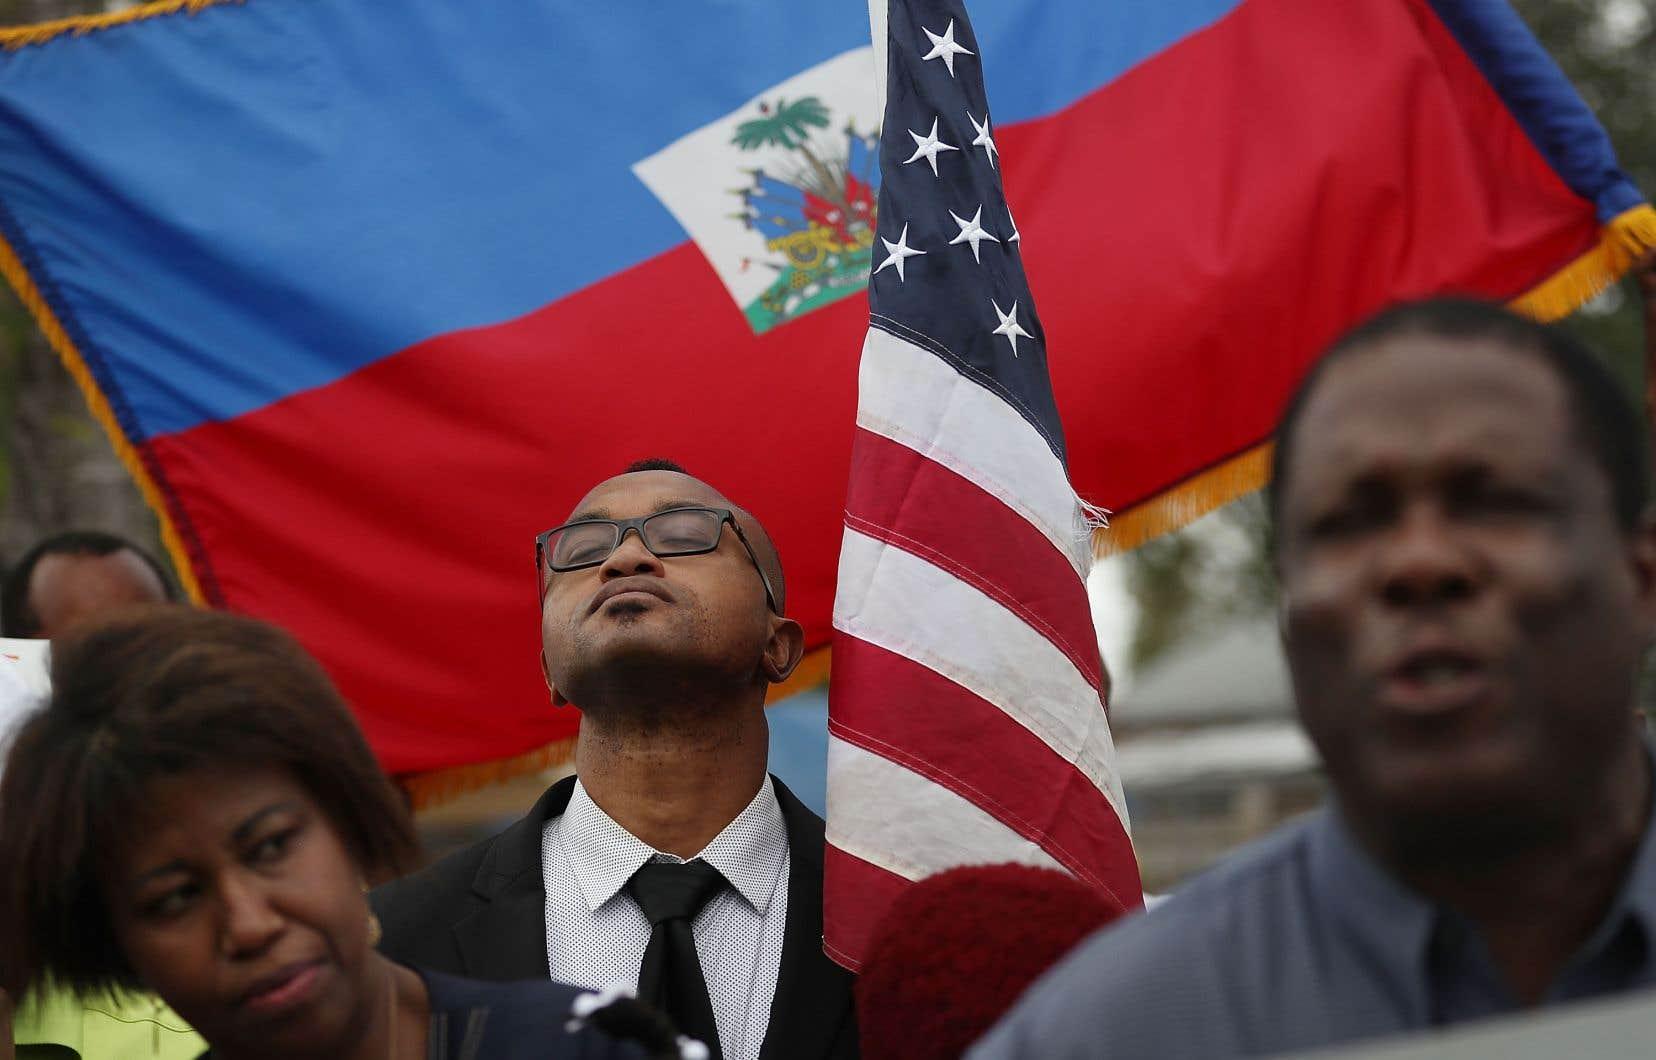 Au-delà de sa majesté, l'histoire d'Haïti est surtout belle. Elle mérite pour ce qu'elle apporte à l'humanité notre respect et notre gratitude et non la décadence d'un imprécateur, souligne l'auteur.